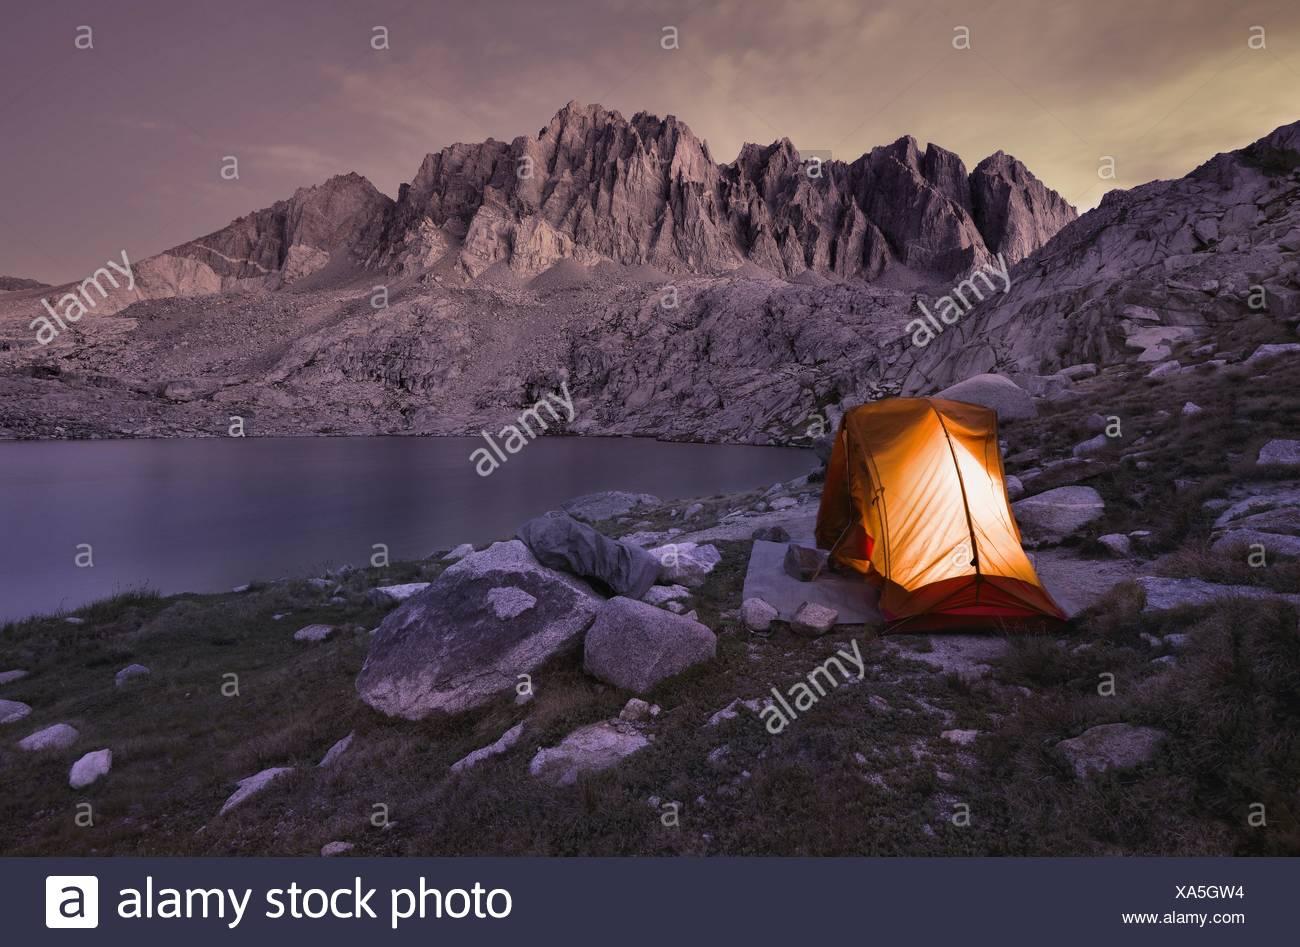 USA, California, Kings Canyon National Park, Camping at Barrett Lake - Stock Image